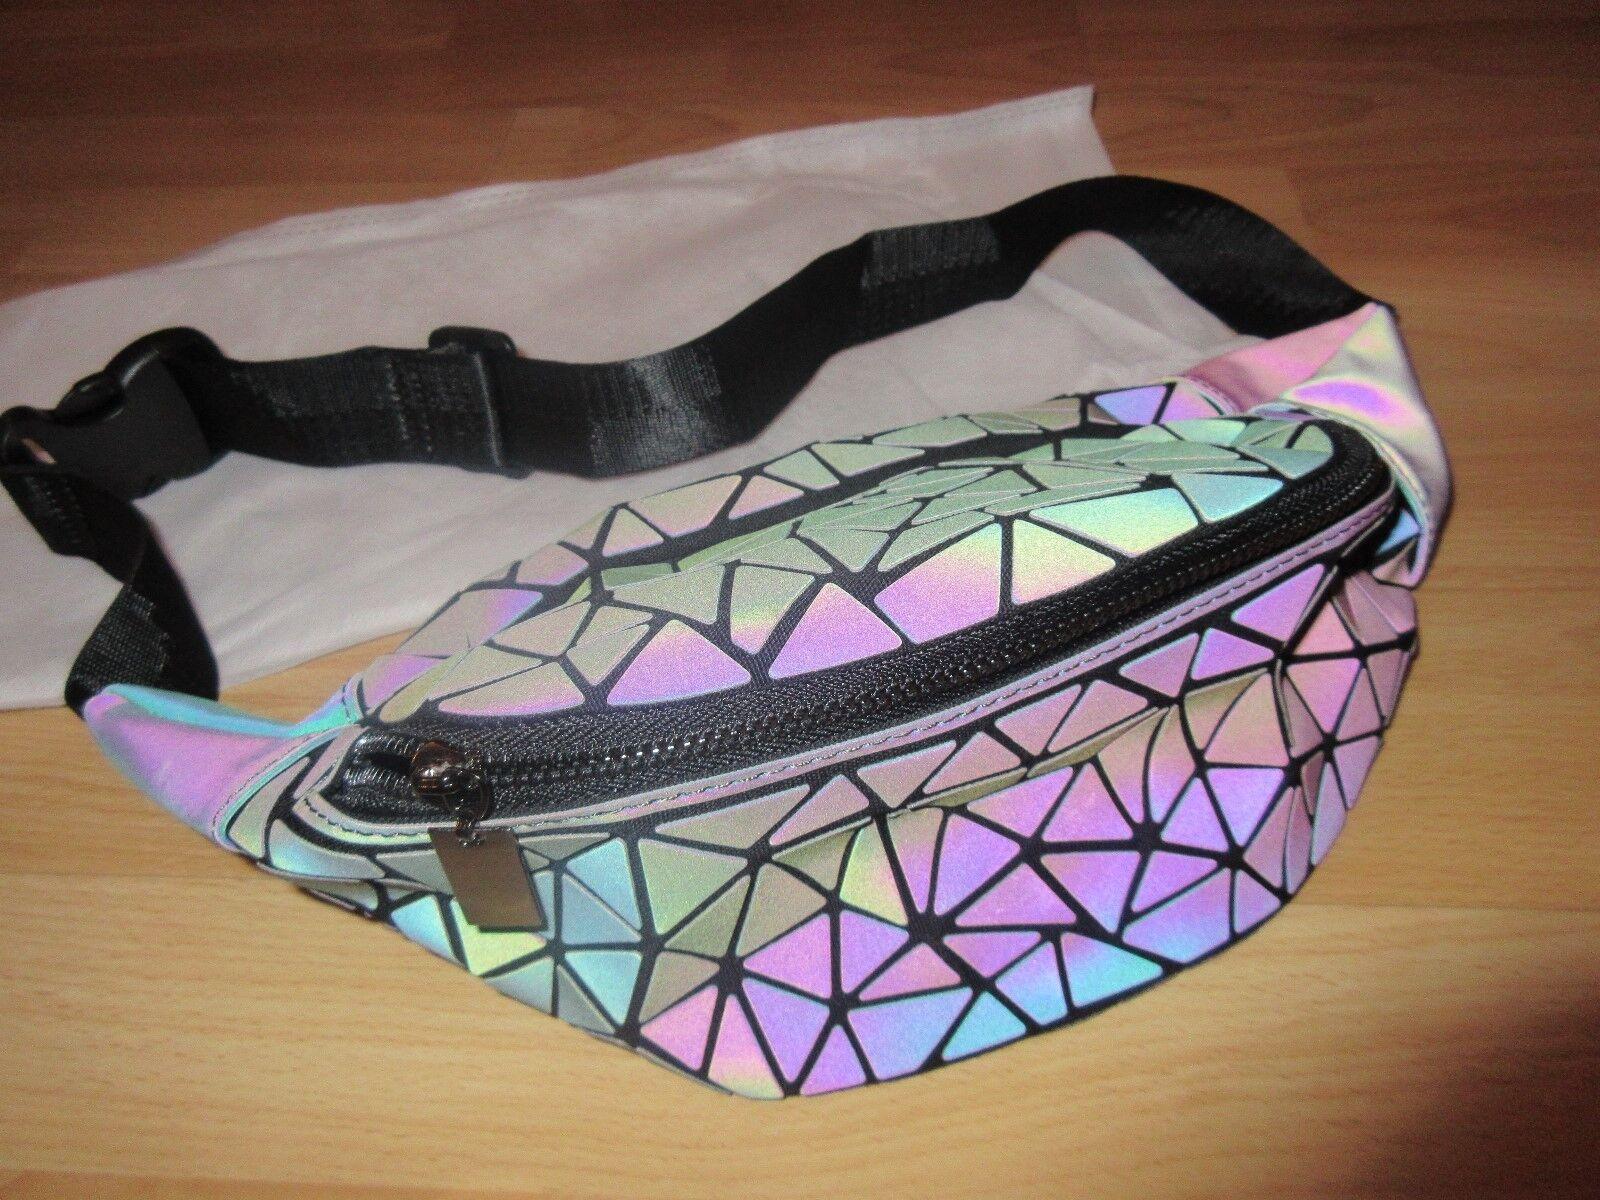 Bauchtasche Umhängetasche Gürteltasche geometrisches Muster Tasche Schwarz Grau | Tadellos  | Günstig  | Große Auswahl